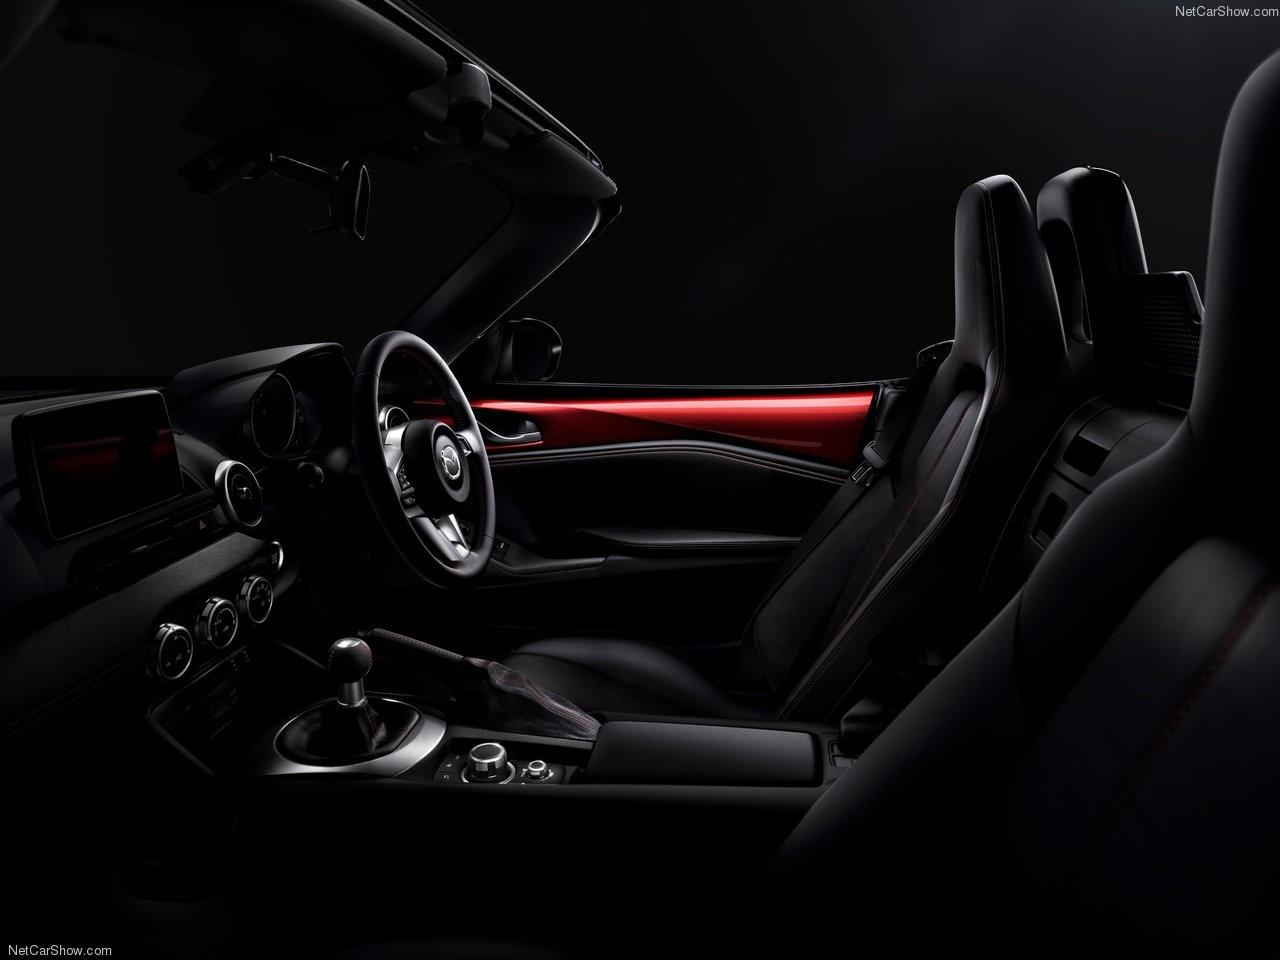 مزدا MX-5 2016، جدیدترین مدل از پرفروشترین رودستر تاریخ